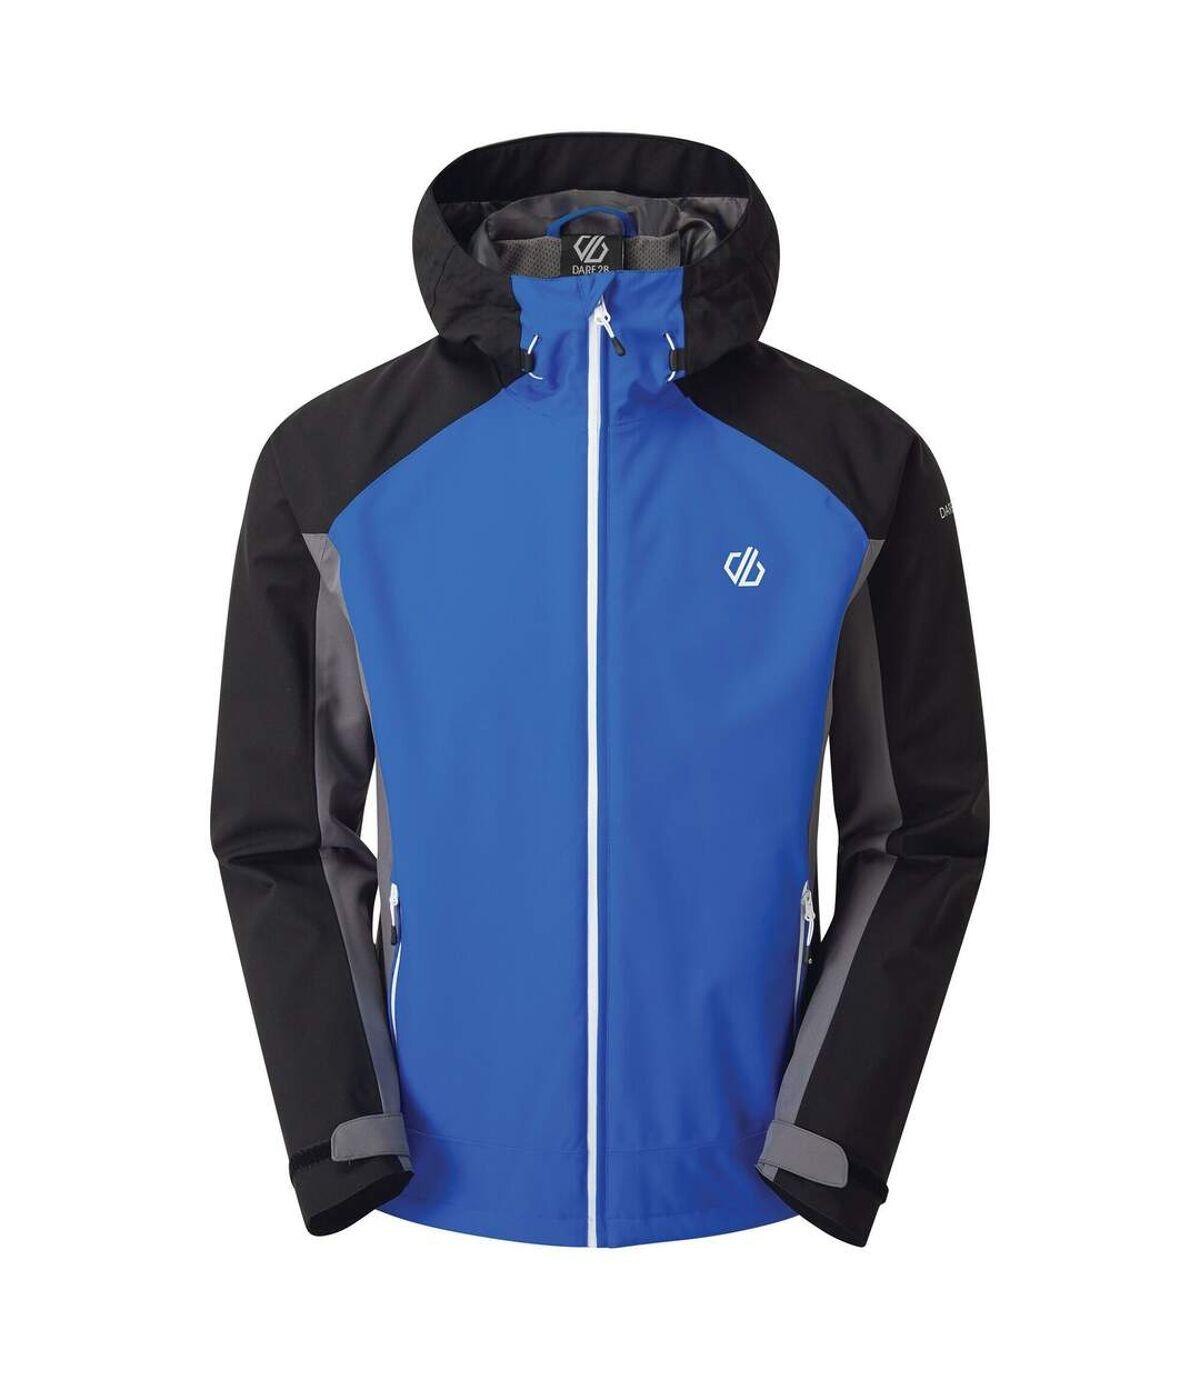 Dare 2B Mens Recode Waterproof Jacket (Athletic Blue/Black) - UTRG4341